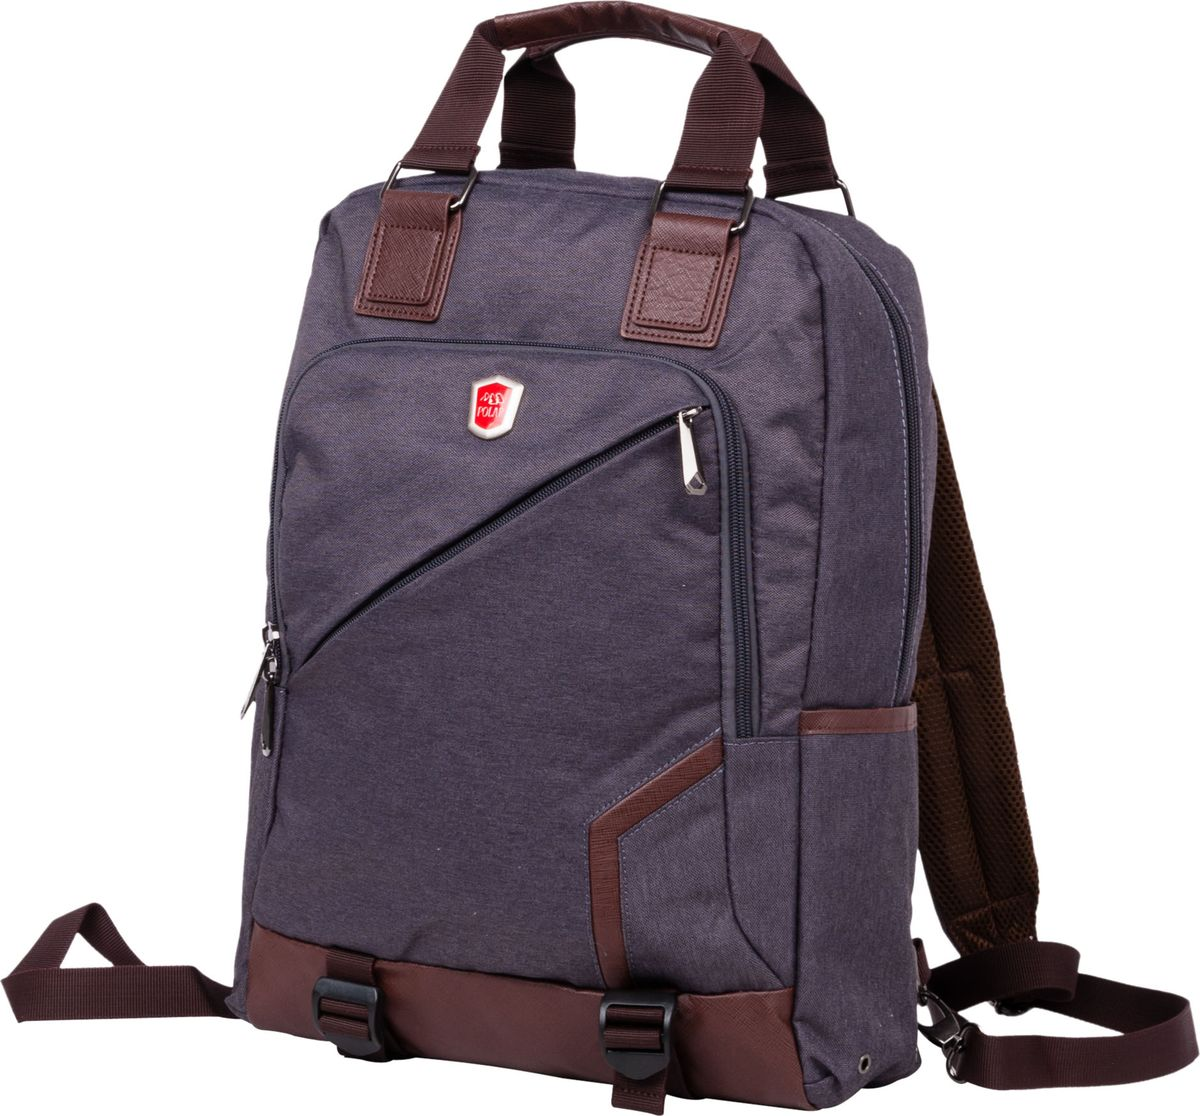 Рюкзак-сумка городской Polar, цвет: коричневый, 12 л. 541-1541-1Сумка-рюкзак Polar имеет одно вместительное отделение, которое закрывается на молнию. Внутри расположены два кармана из сетчатого материала, и вместительное отделение под ноутбук или планшет (данное отделение фиксируется светло-серой резинкой на липучке). Спереди рюкзака размещён большой карман на молнии, который имеет ещё одну молнию по периметру (карман украшен логотипом компании Polar). По бокам расположены ещё два малых кармана. Лямки пристёгиваются карабинами и регулируются по длине. Сзади присутствует большой открытый карман на липучке, куда можно убрать лямки и переносить сумку в руке. Сверху расположены ручки для переноски сумки-рюкзака высотой 11см. Края карманов, ручки и дно обработаны вставками из экокожи.